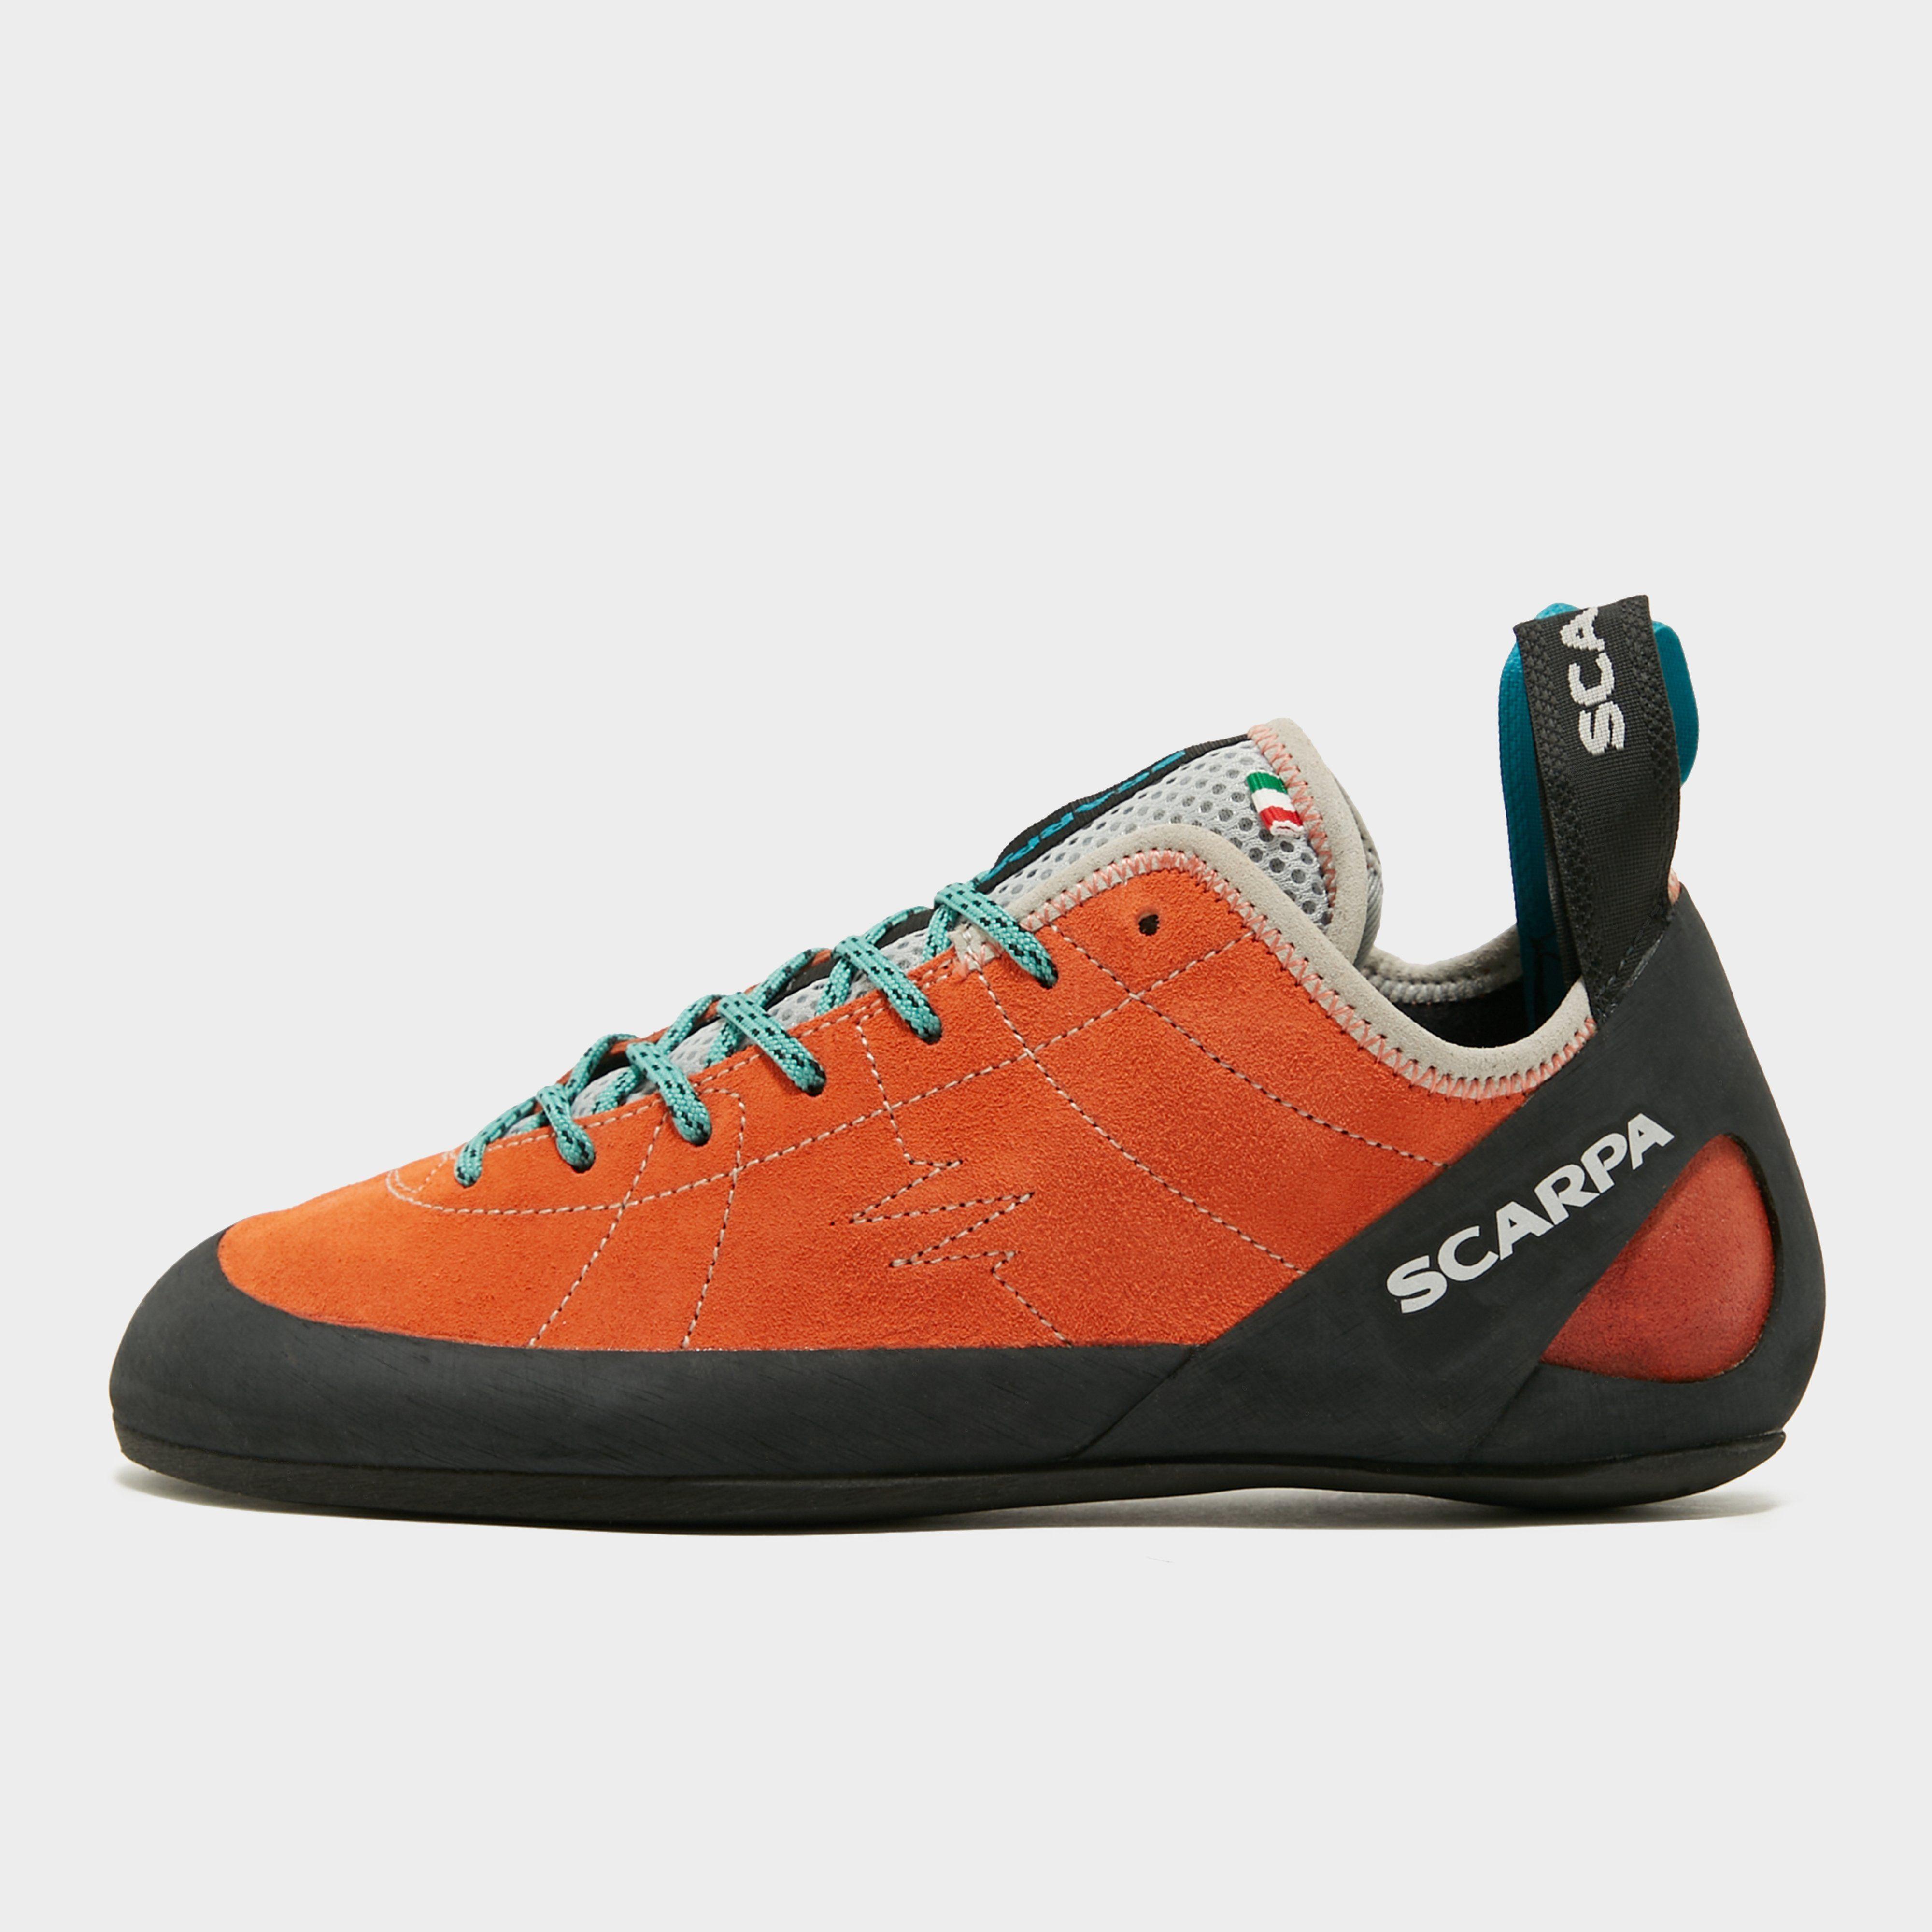 SCARPA Women's Helix Climbing Shoes